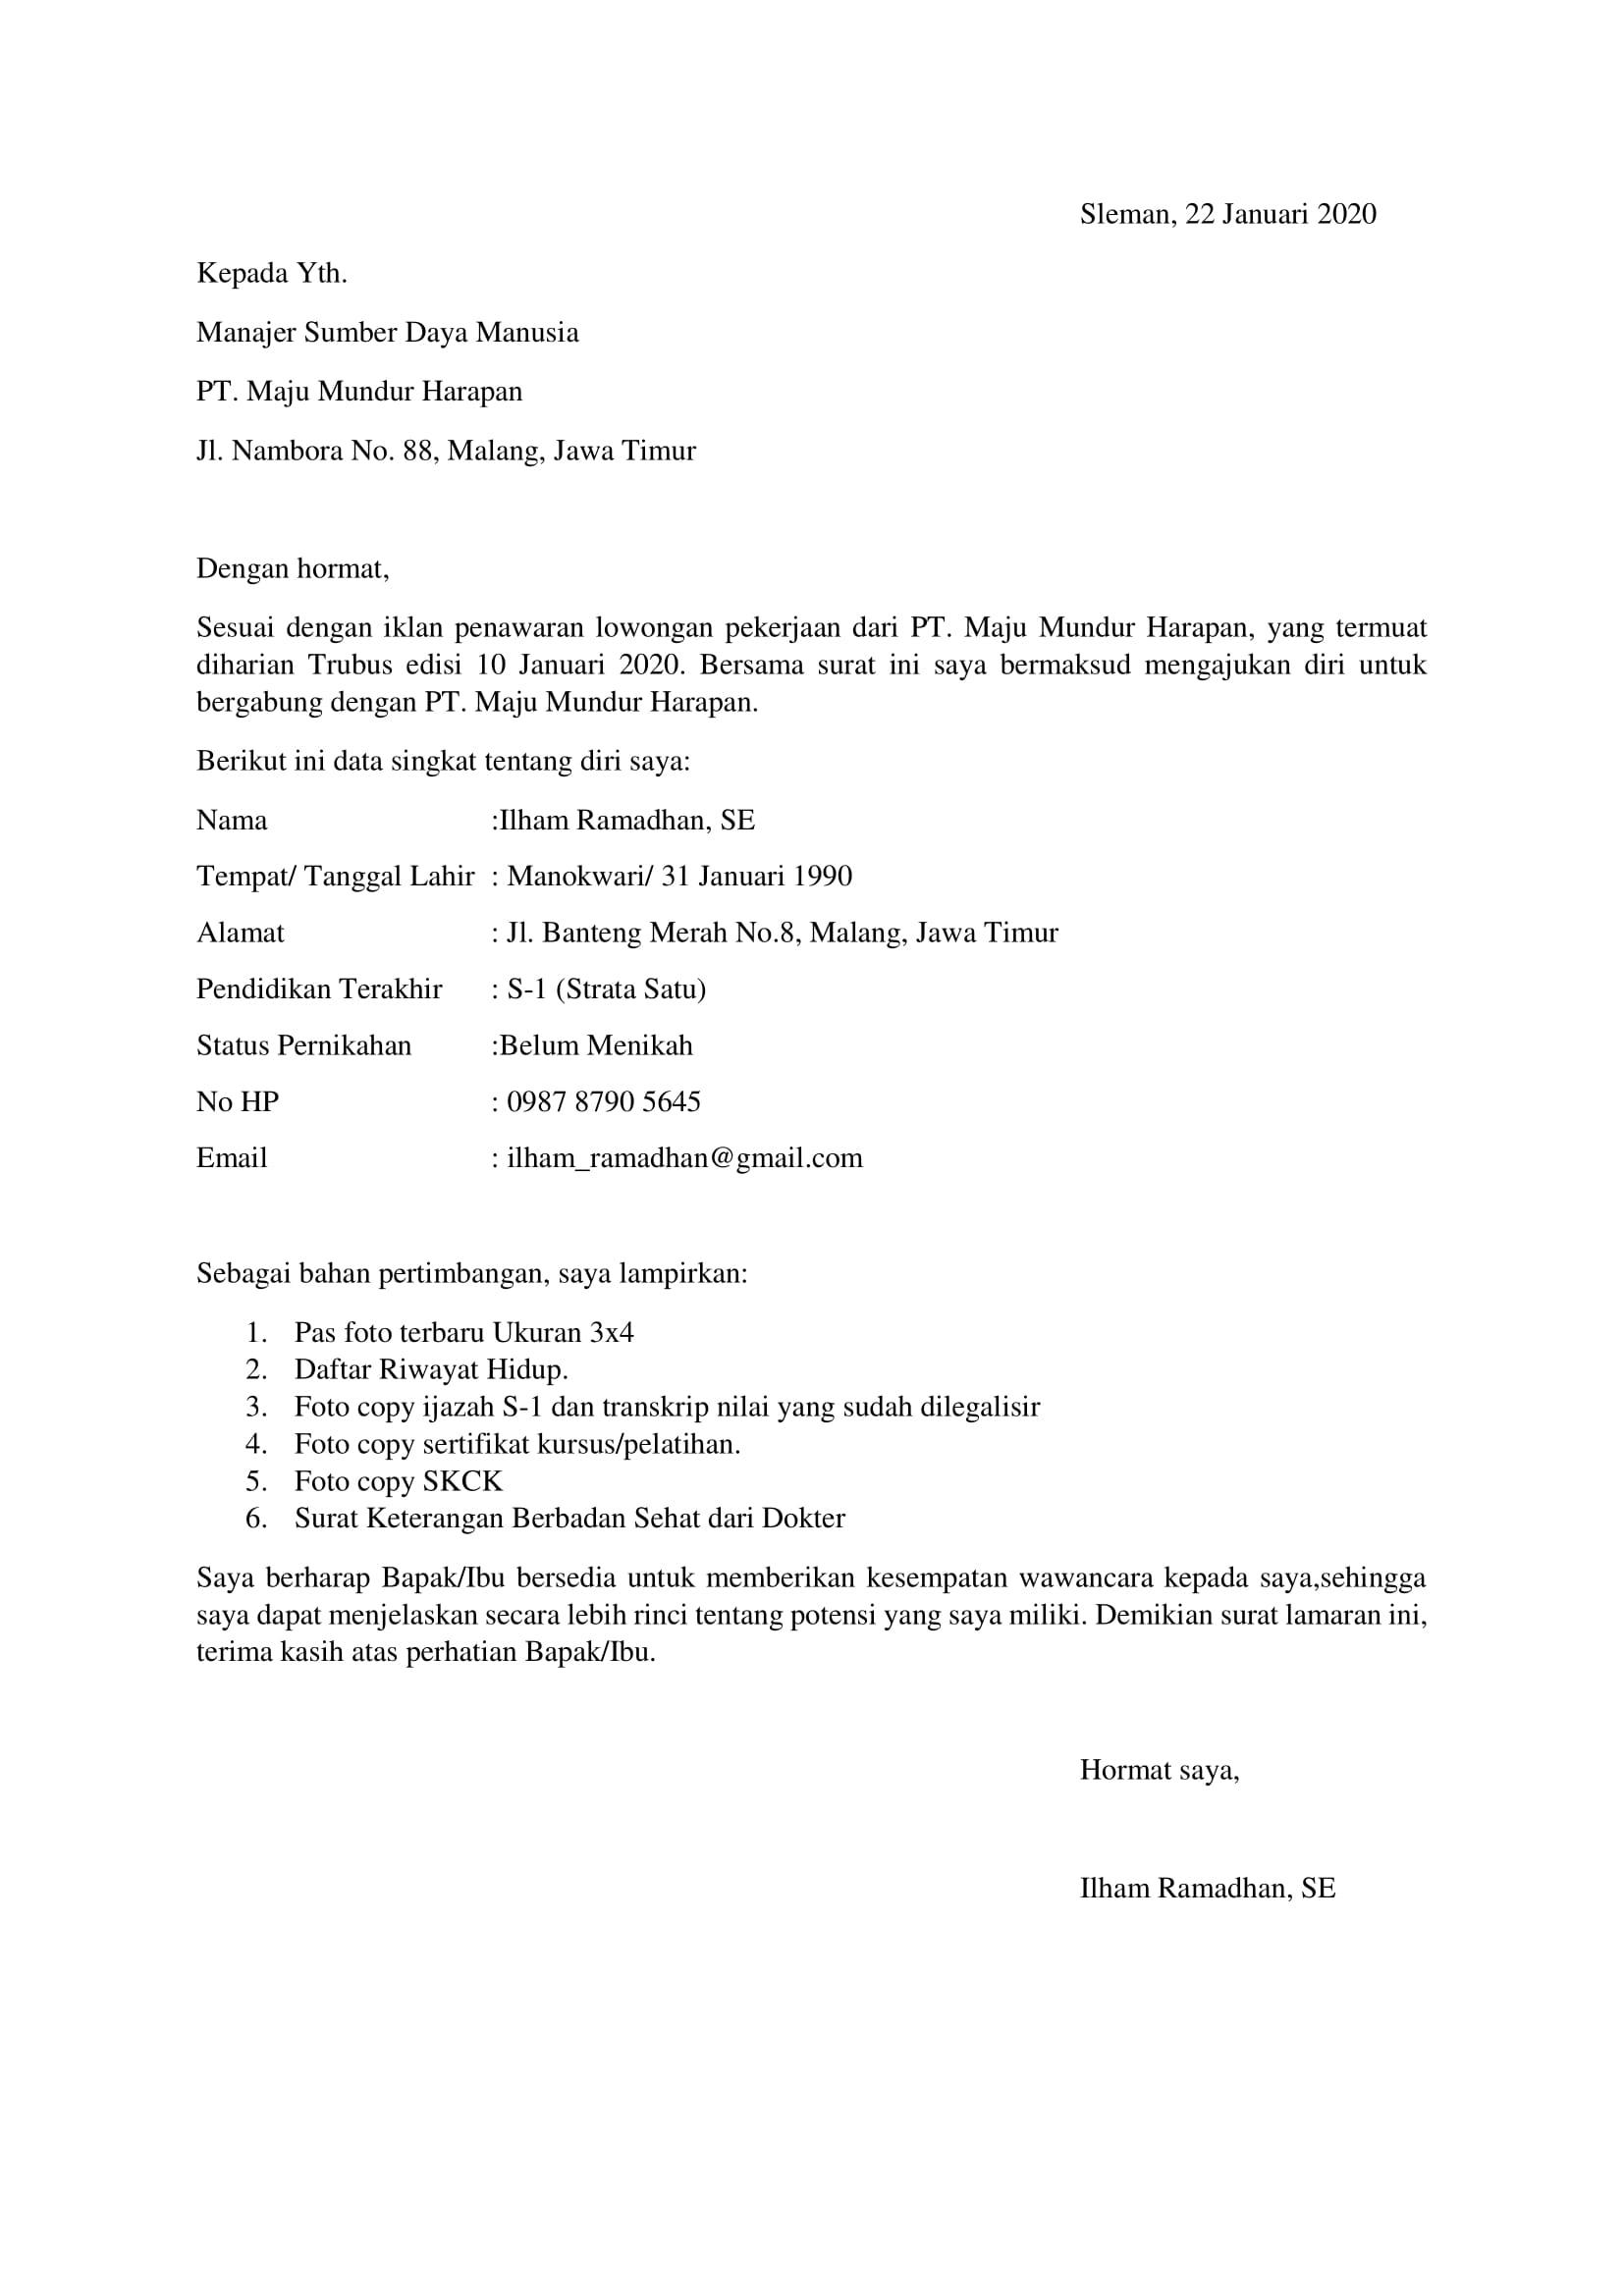 Contoh Surat Lamaran Kerja Berdasarkan Iklan-1